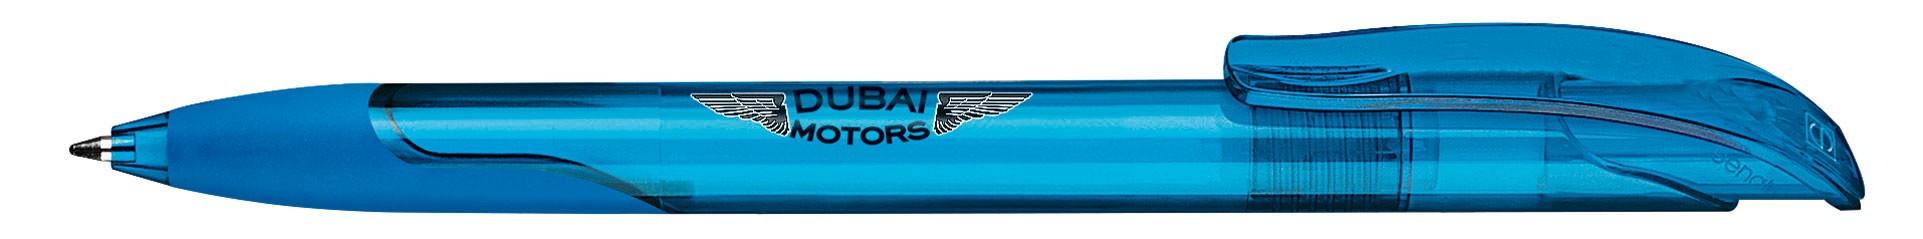 Stylo promotionnel écologique Challenger Transparent grip - stylo publicitaire